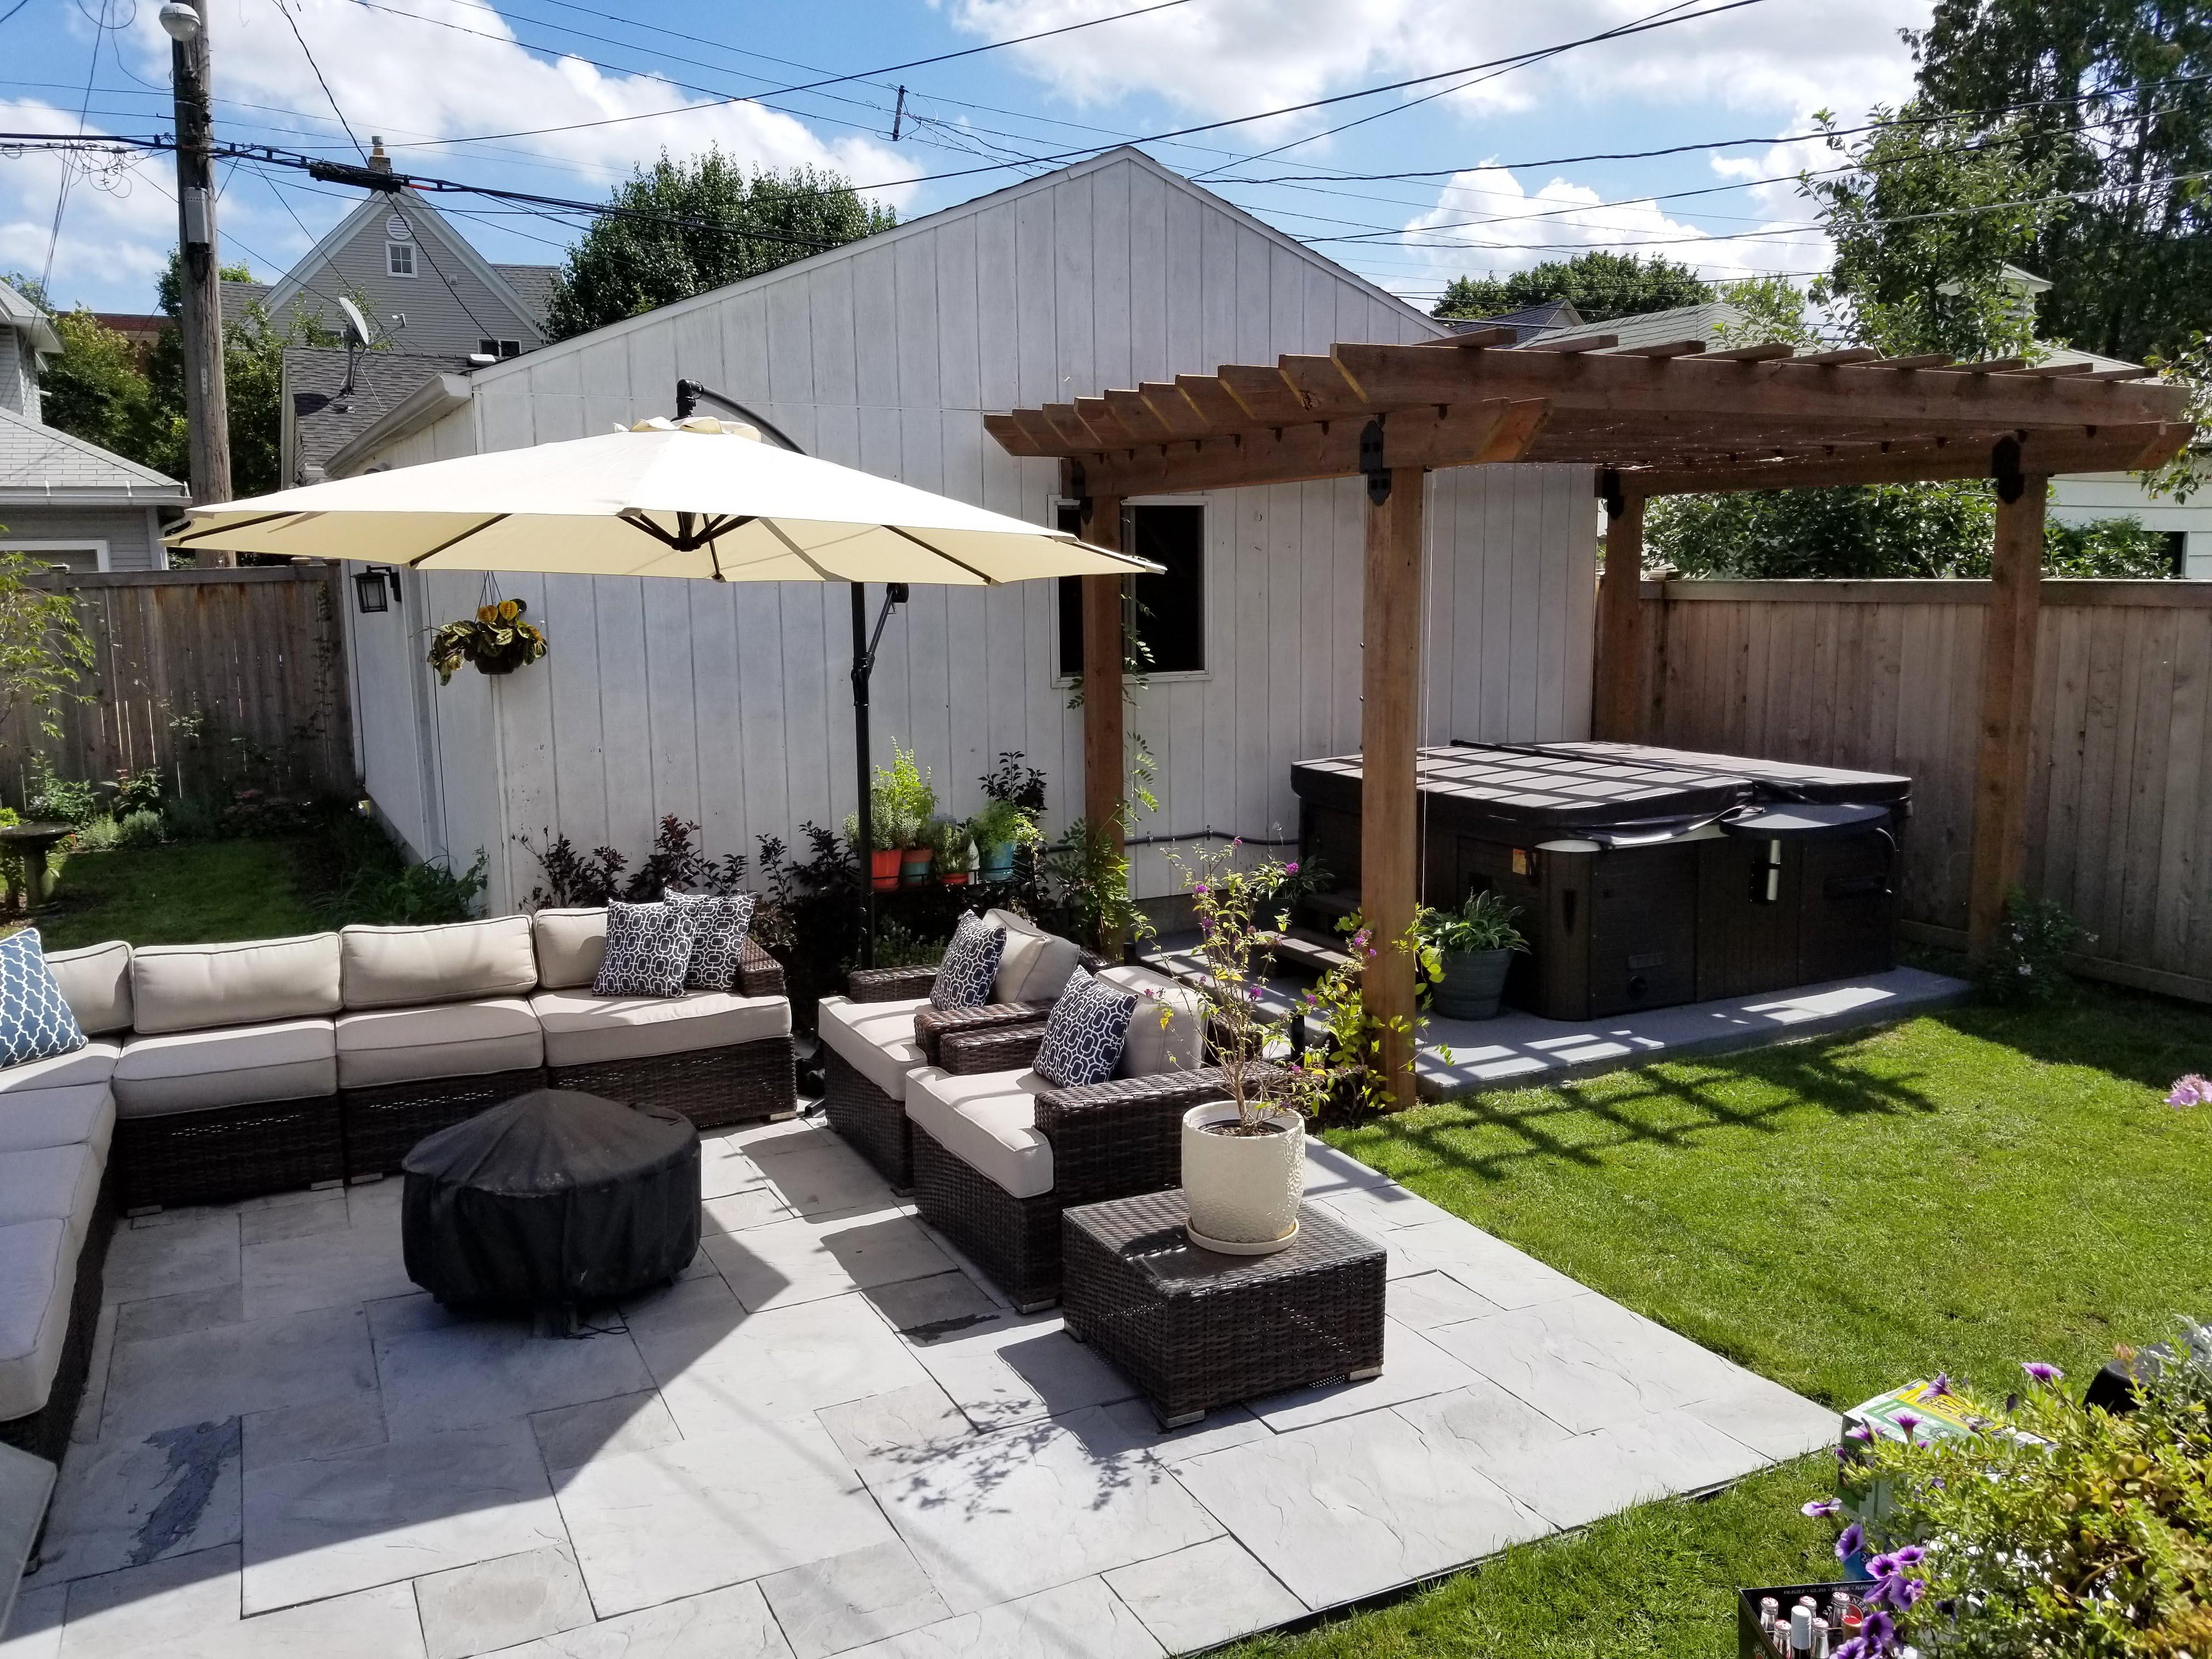 backyard remodel – patio, pergola, flowers + bumblebees!